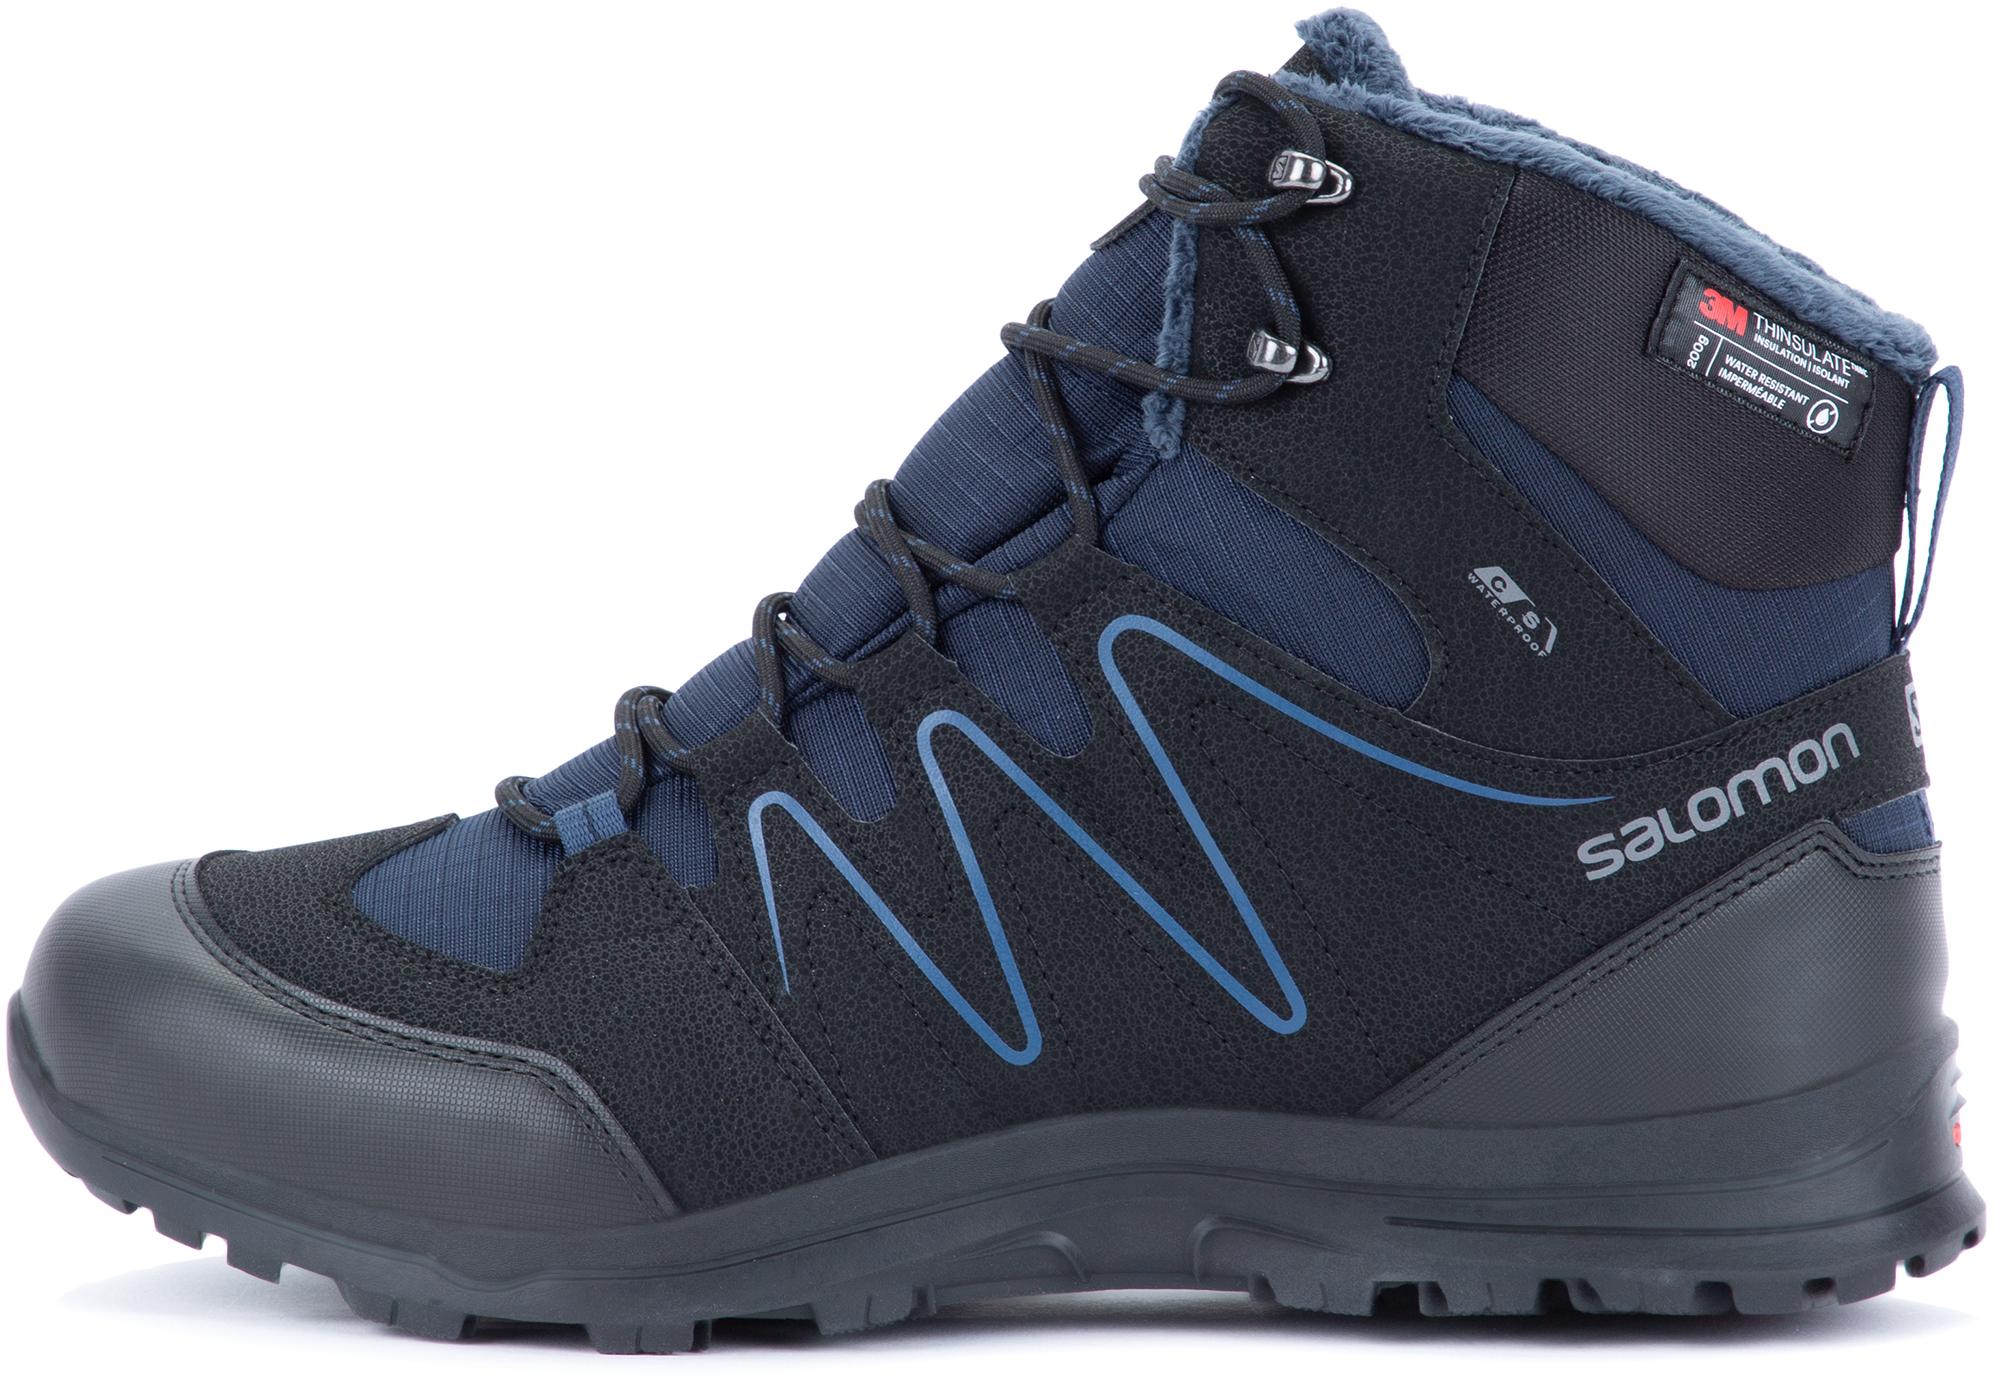 Salomon Ботинки утепленные мужские Salomon Shallow, размер 44 salomon ботинки утепленные мужские salomon crusano размер 40